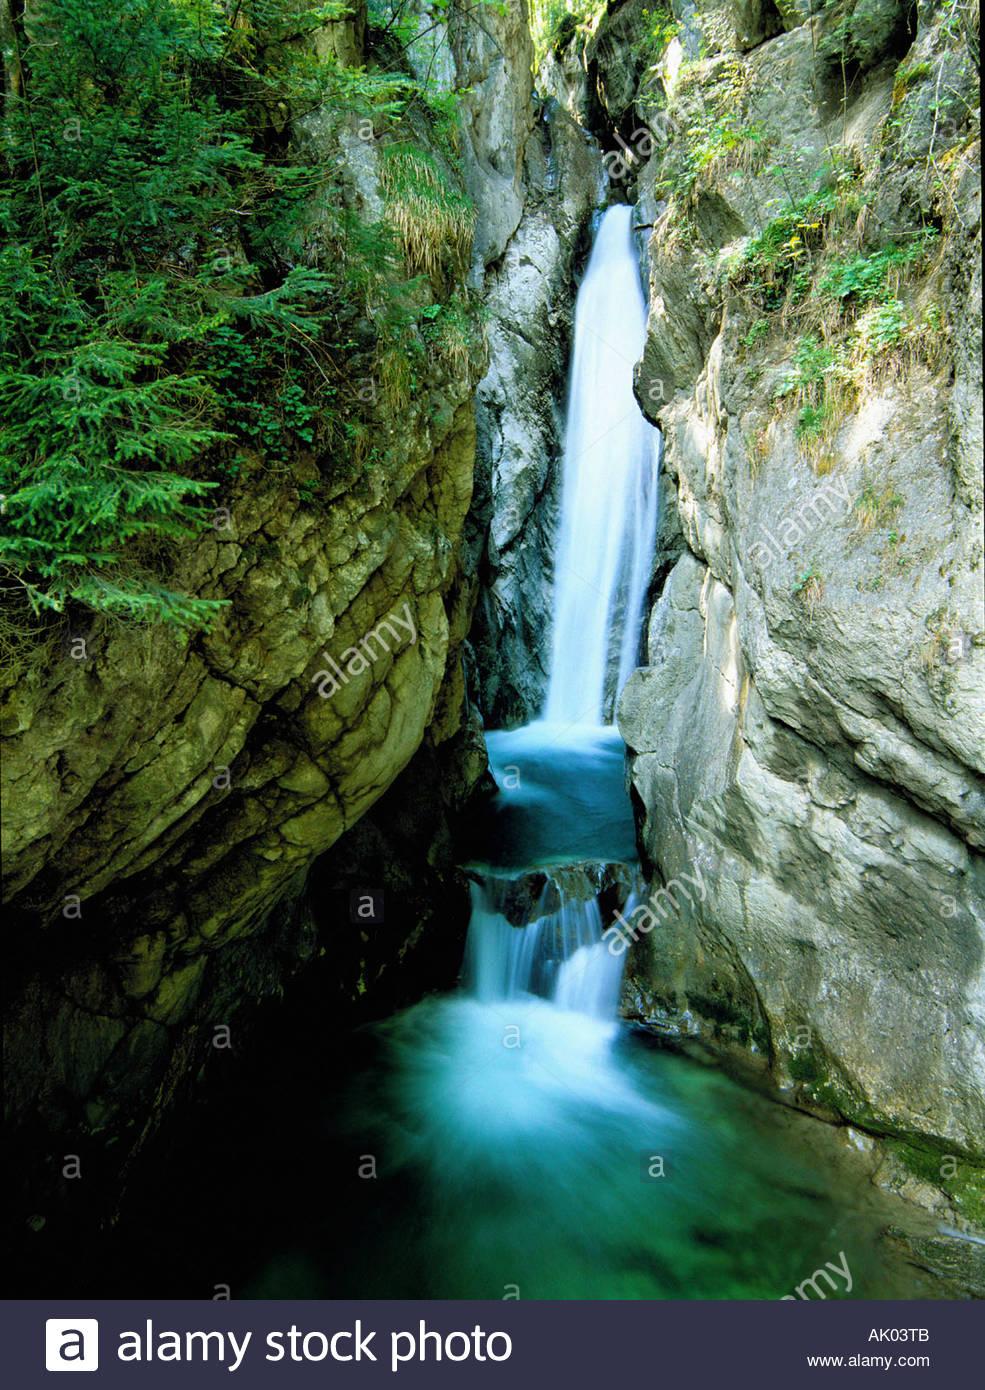 Waterfall / Tatzelwurm / Wasserfall - Stock Image